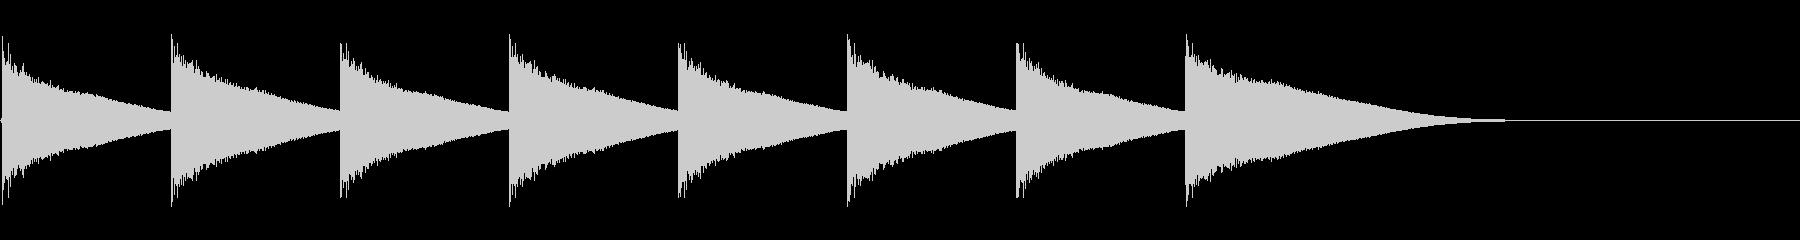 教会の鐘-4-2_revの未再生の波形